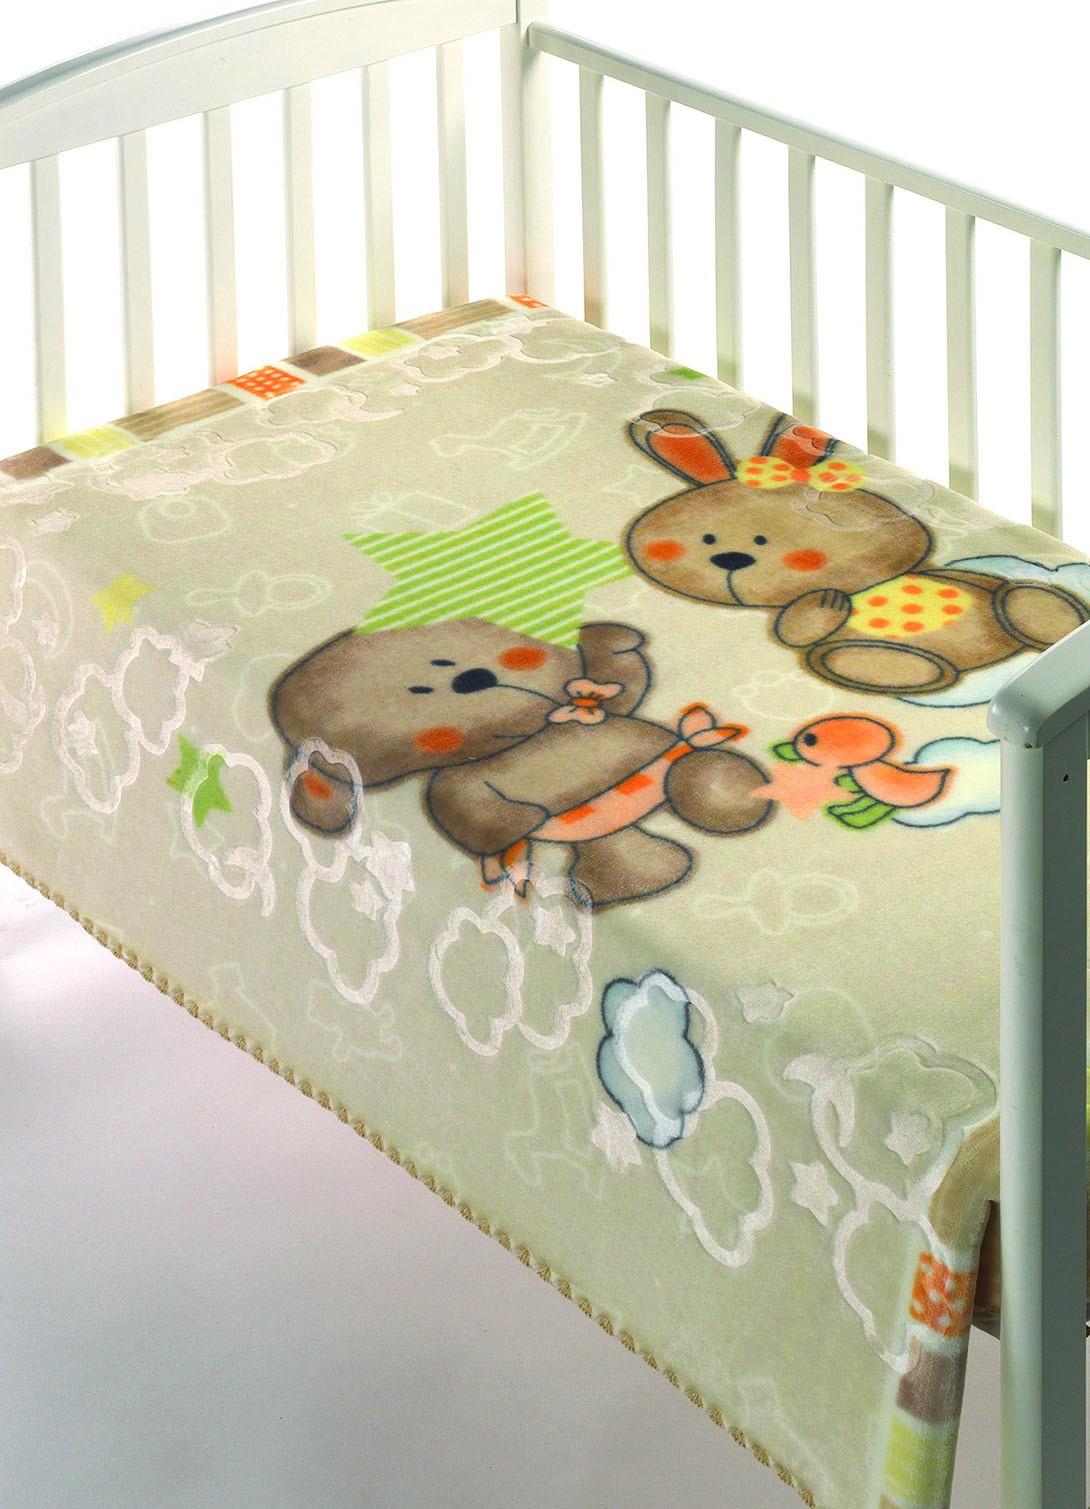 Κουβέρτα Βελουτέ Αγκαλιάς Morven Luxury Plus 275 Μπεζ home   βρεφικά   κουβέρτες βρεφικές   κουβέρτες βελουτέ